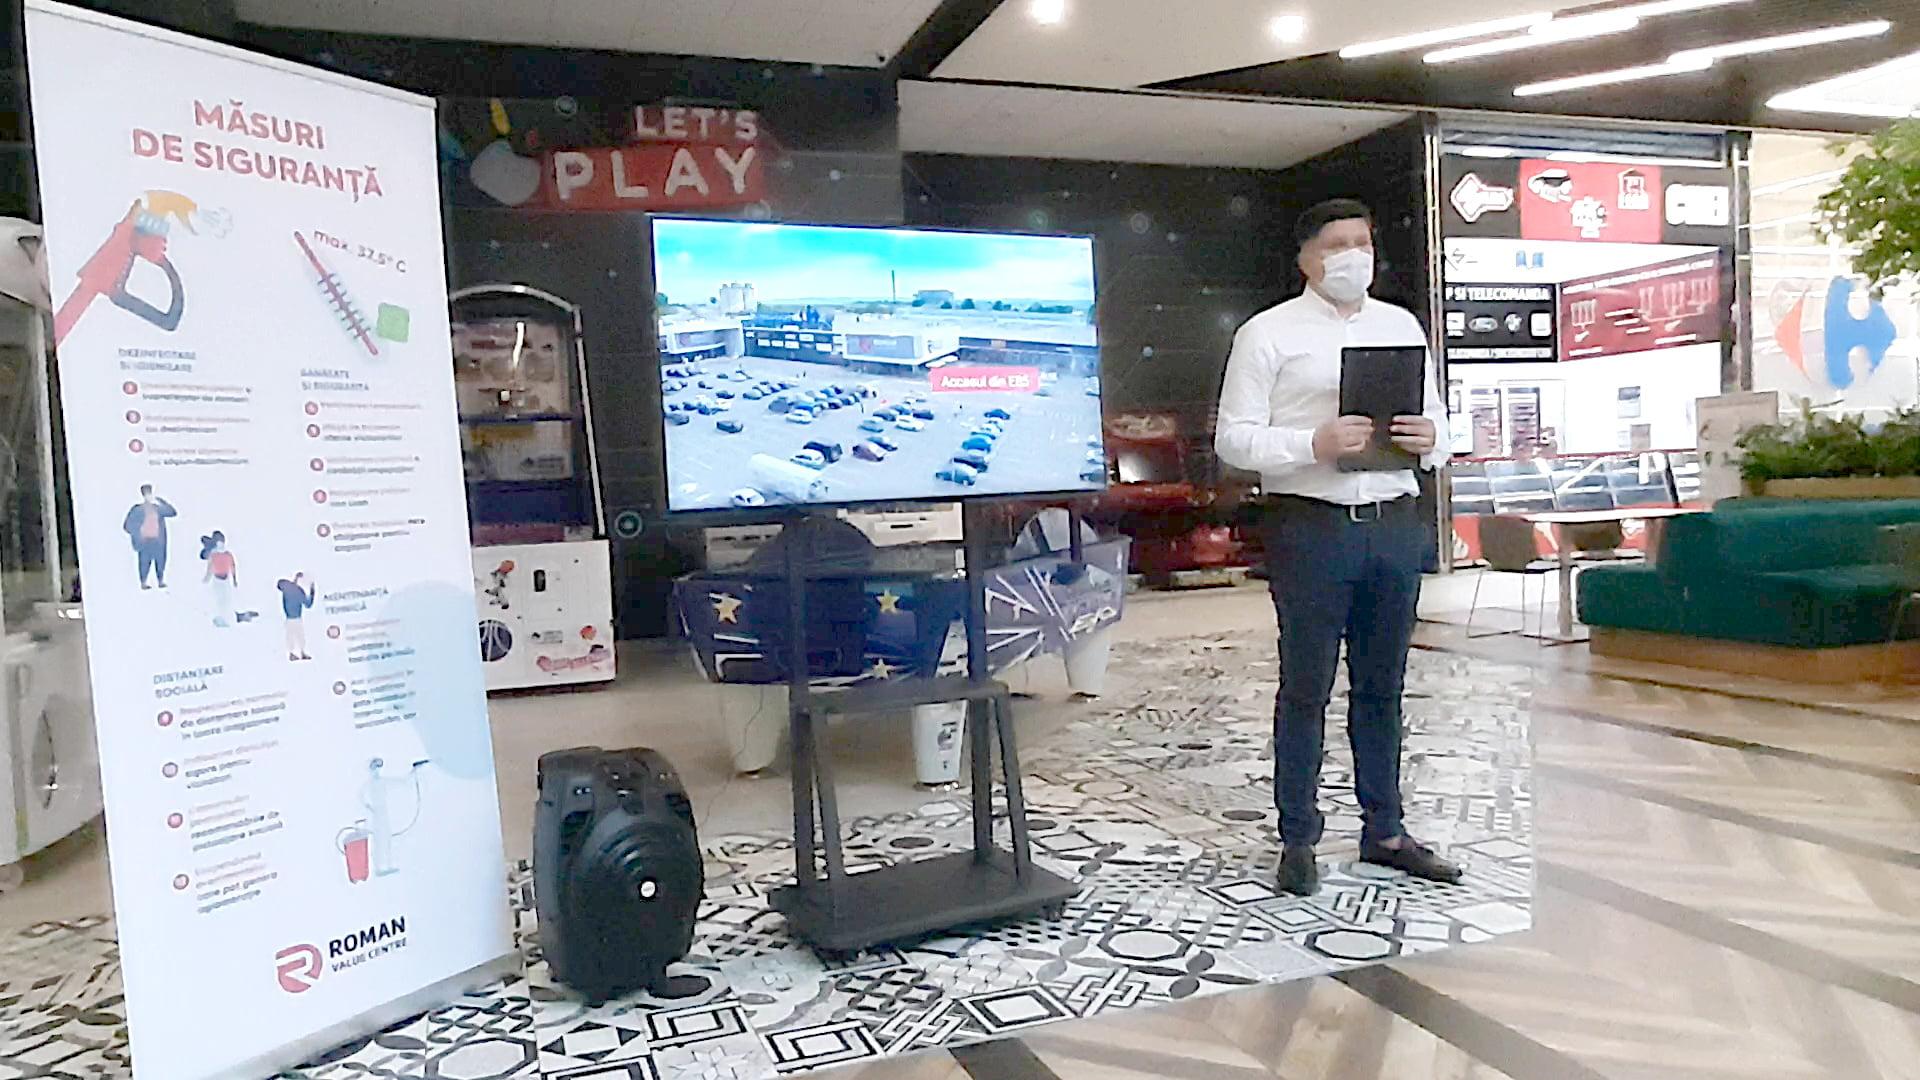 Roman Value Centre își așteaptă clienții la Cinema Drive. Ce măsuri de siguranță s-au luat în cadrul centrului comercial